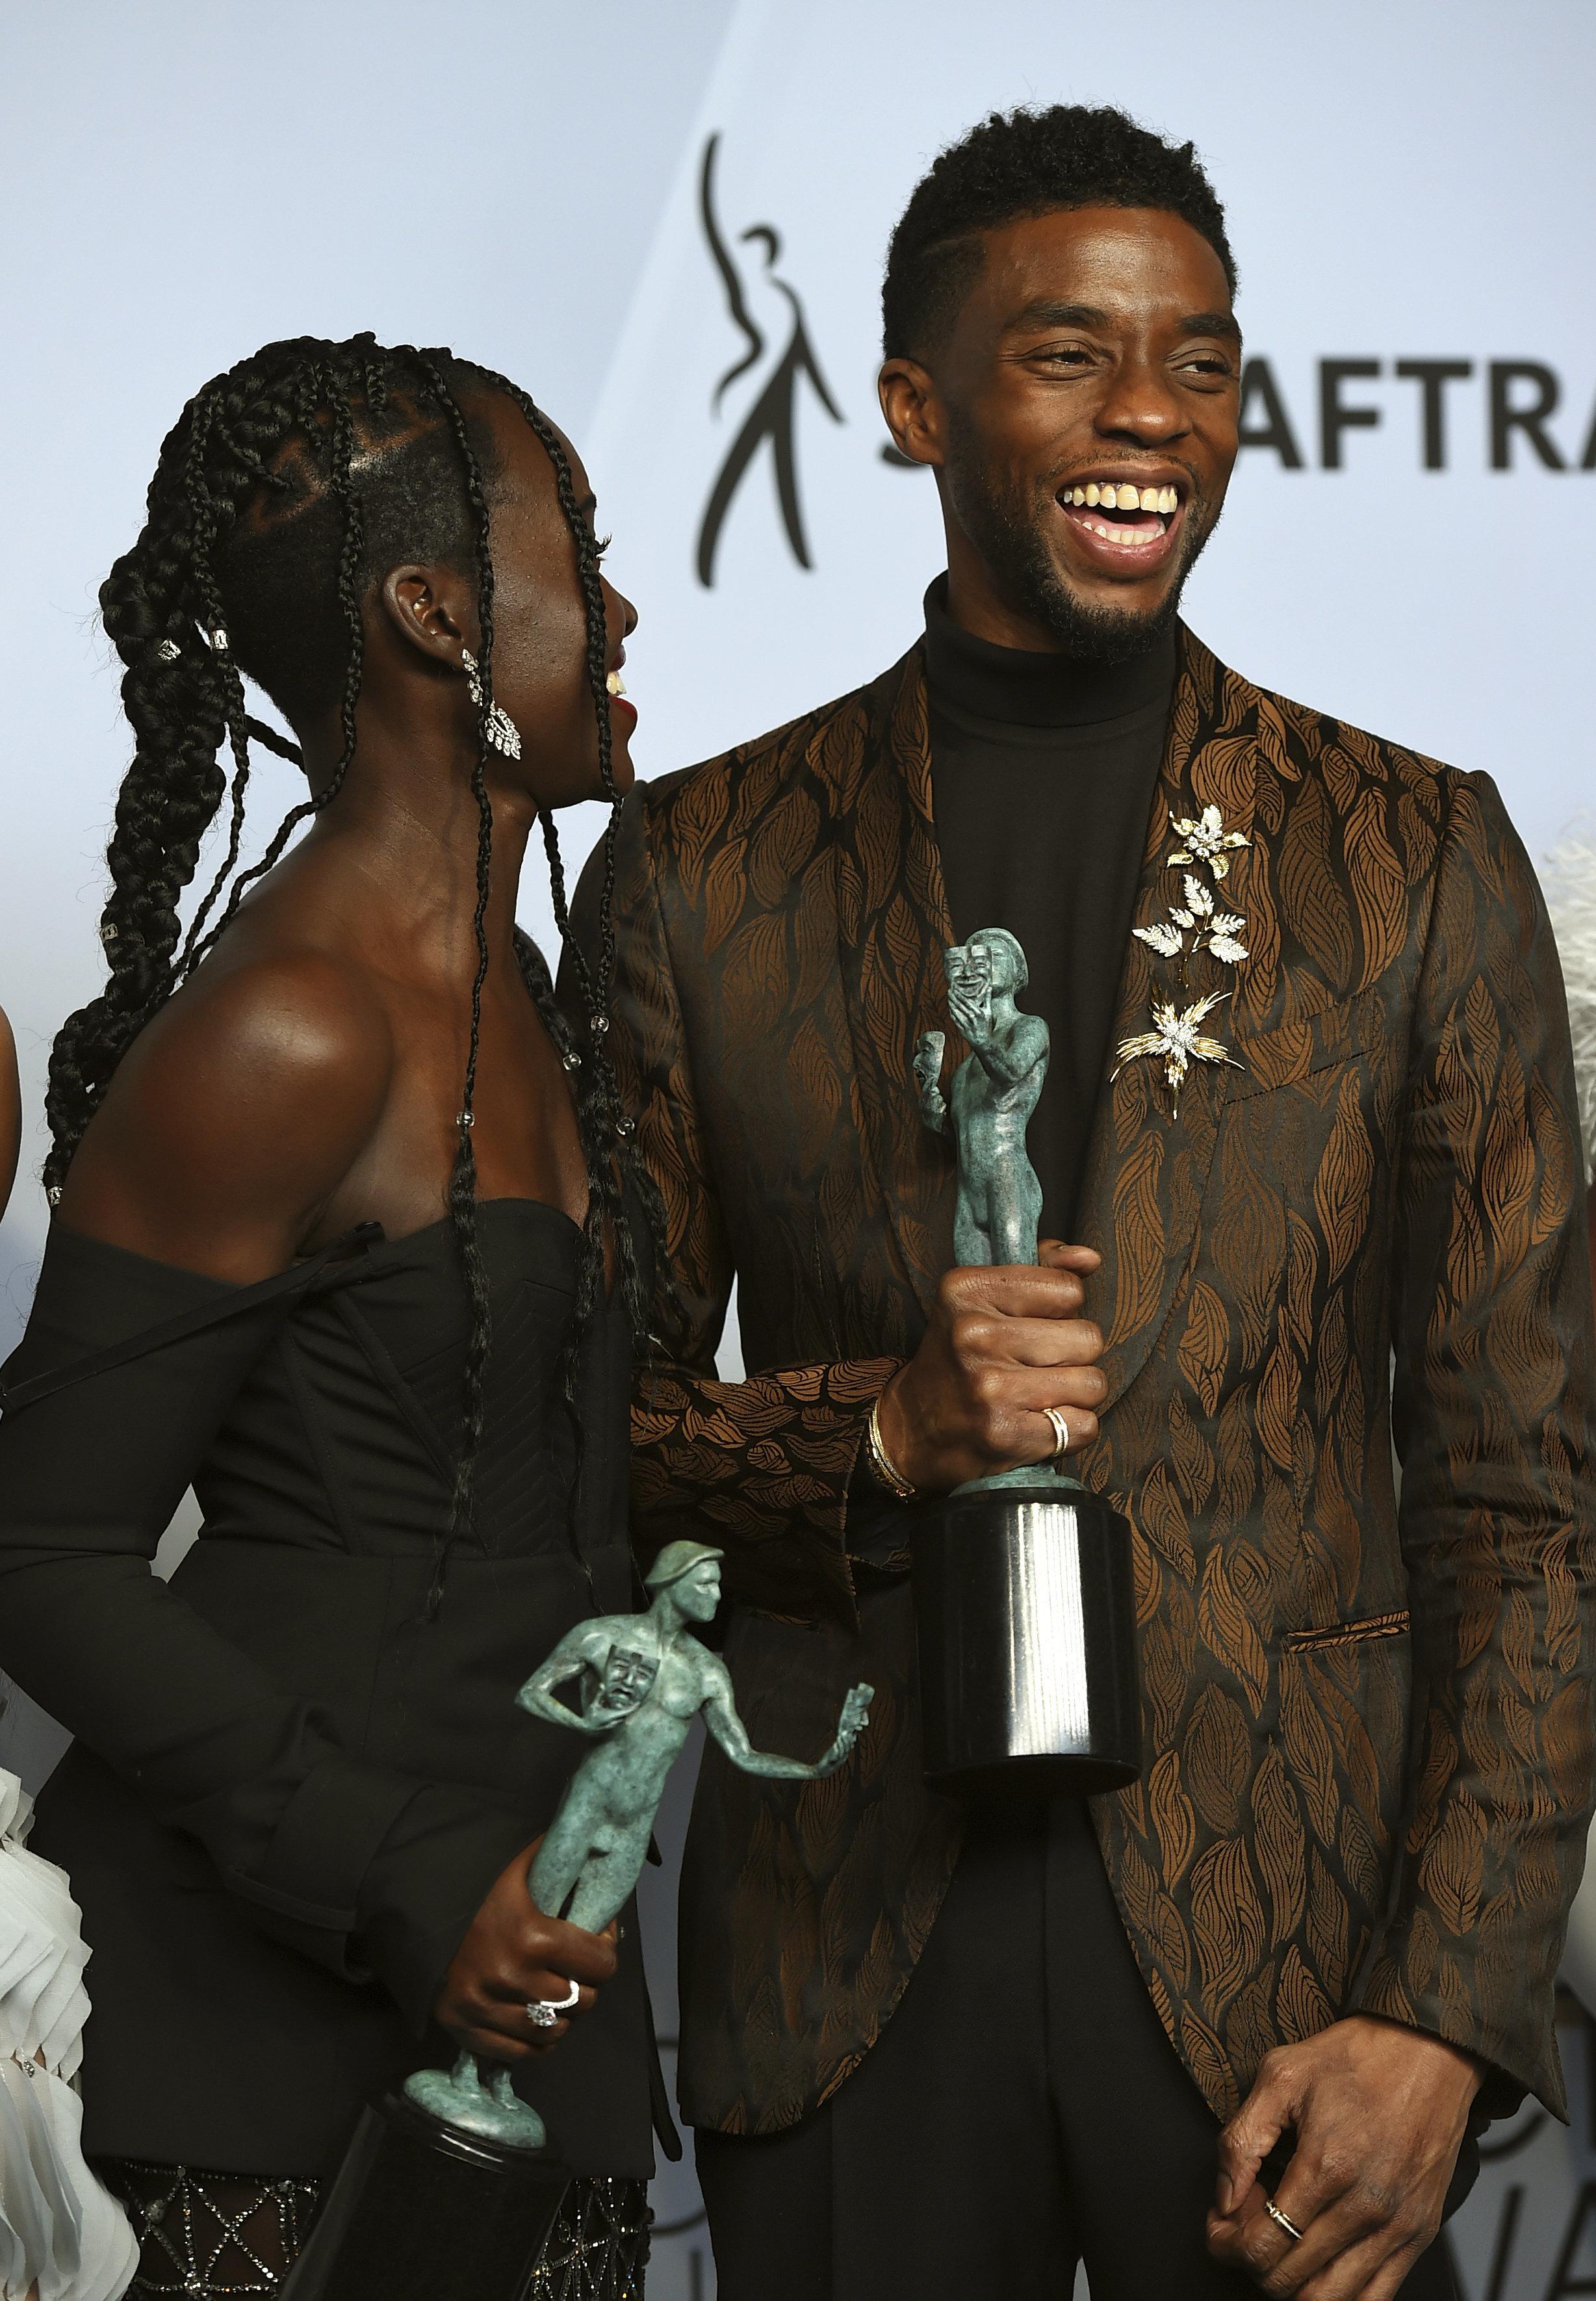 'Jovem, talentoso e negro': O discurso poderoso do astro de 'Pantera Negra' no SAG